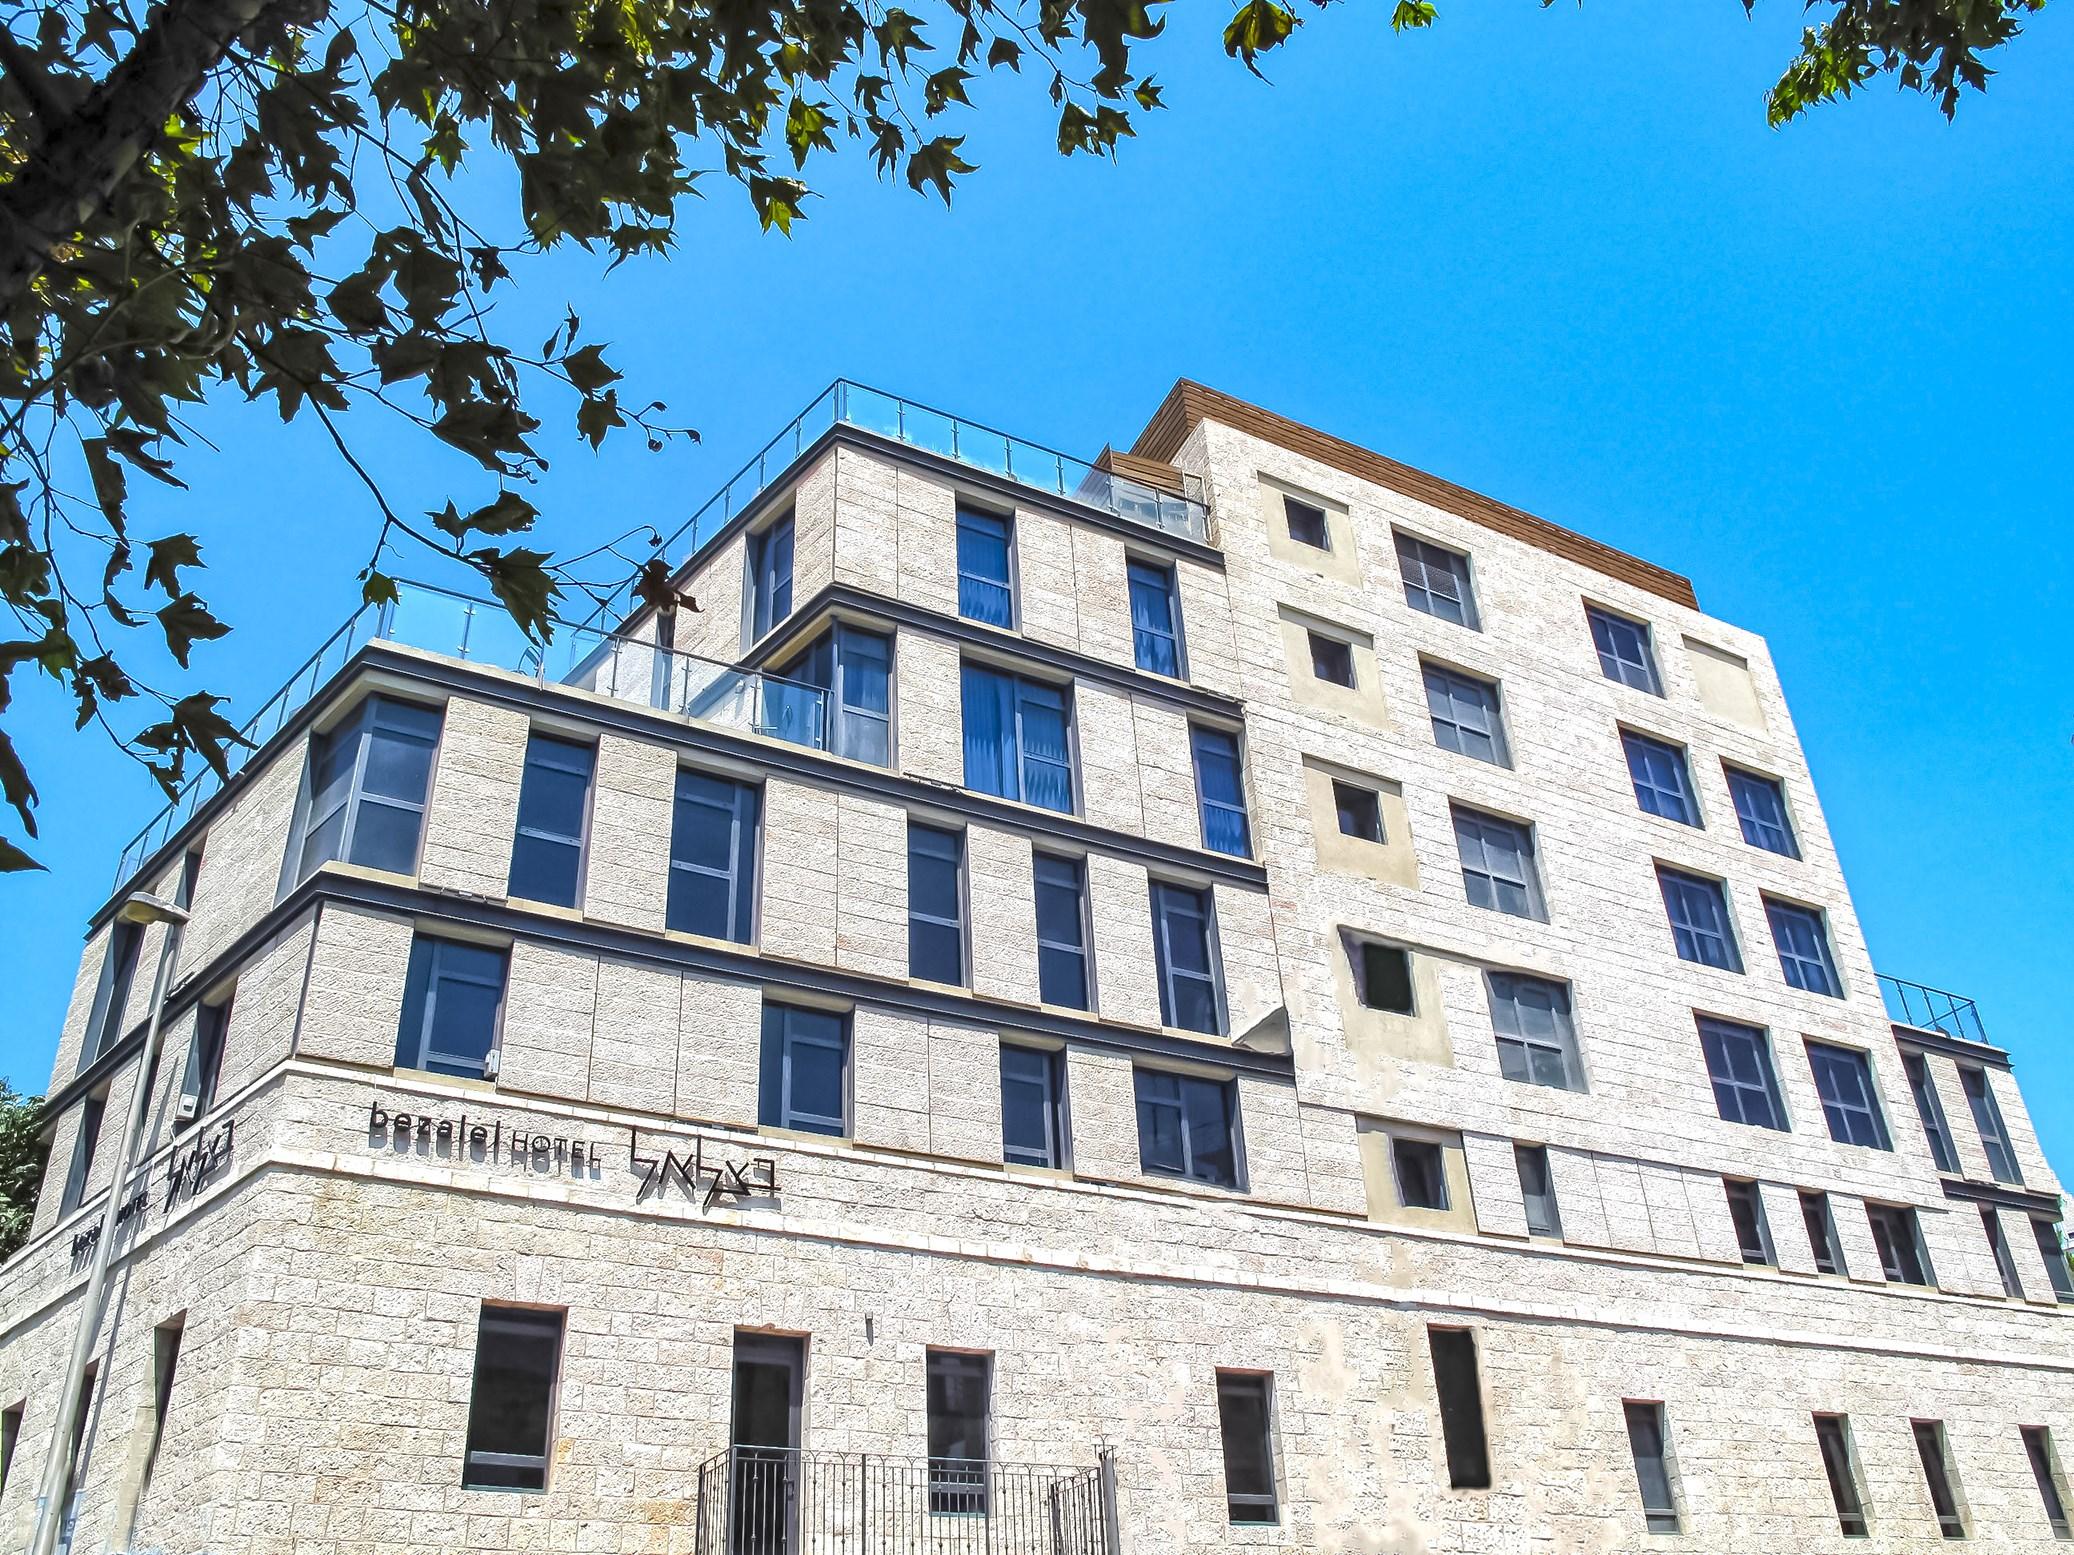 bezalel building